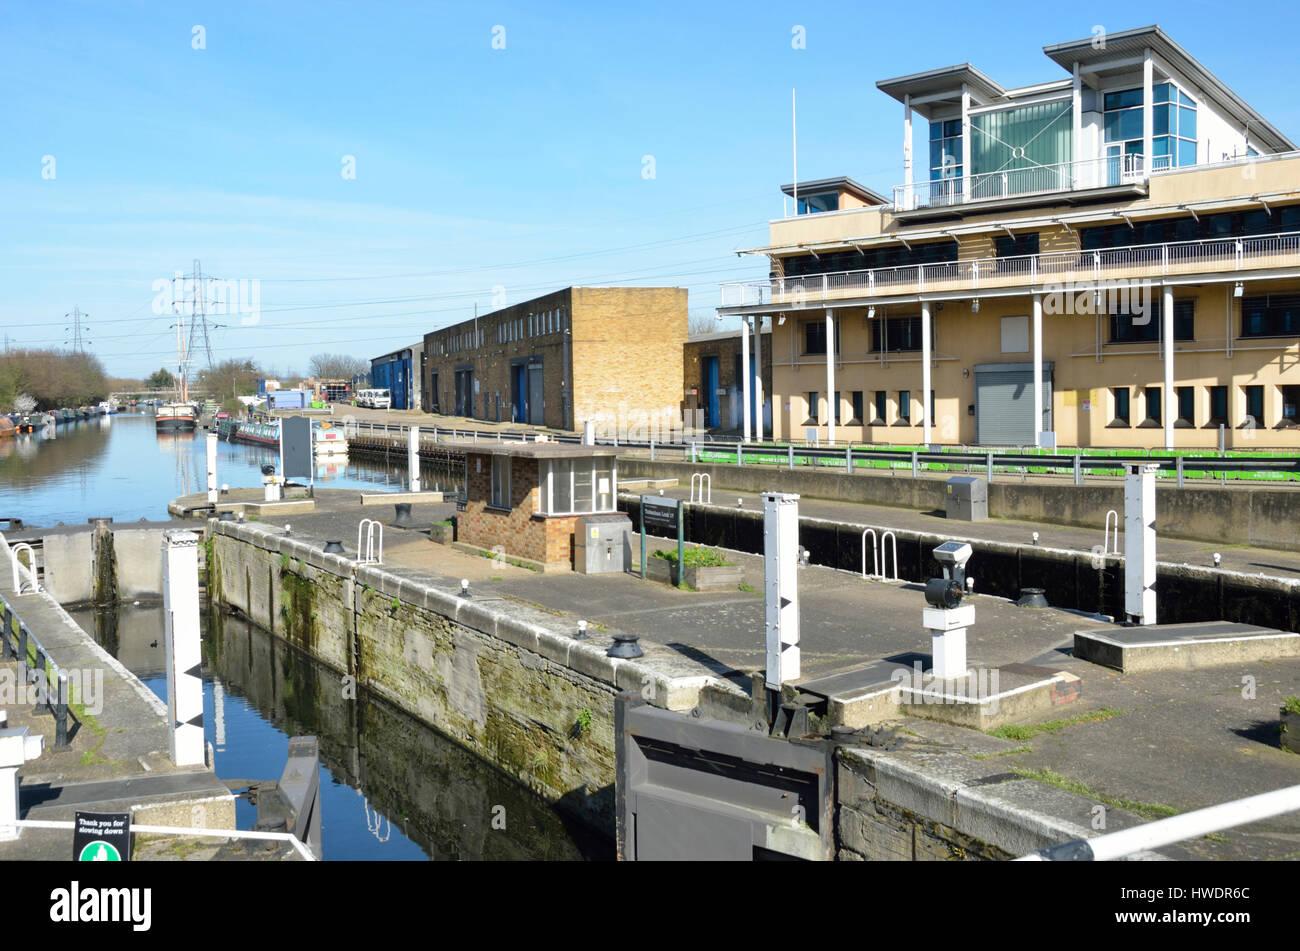 River Lea Navigation Tottenham Lock 17, Tottenham Hale, London, UK. Stock Photo